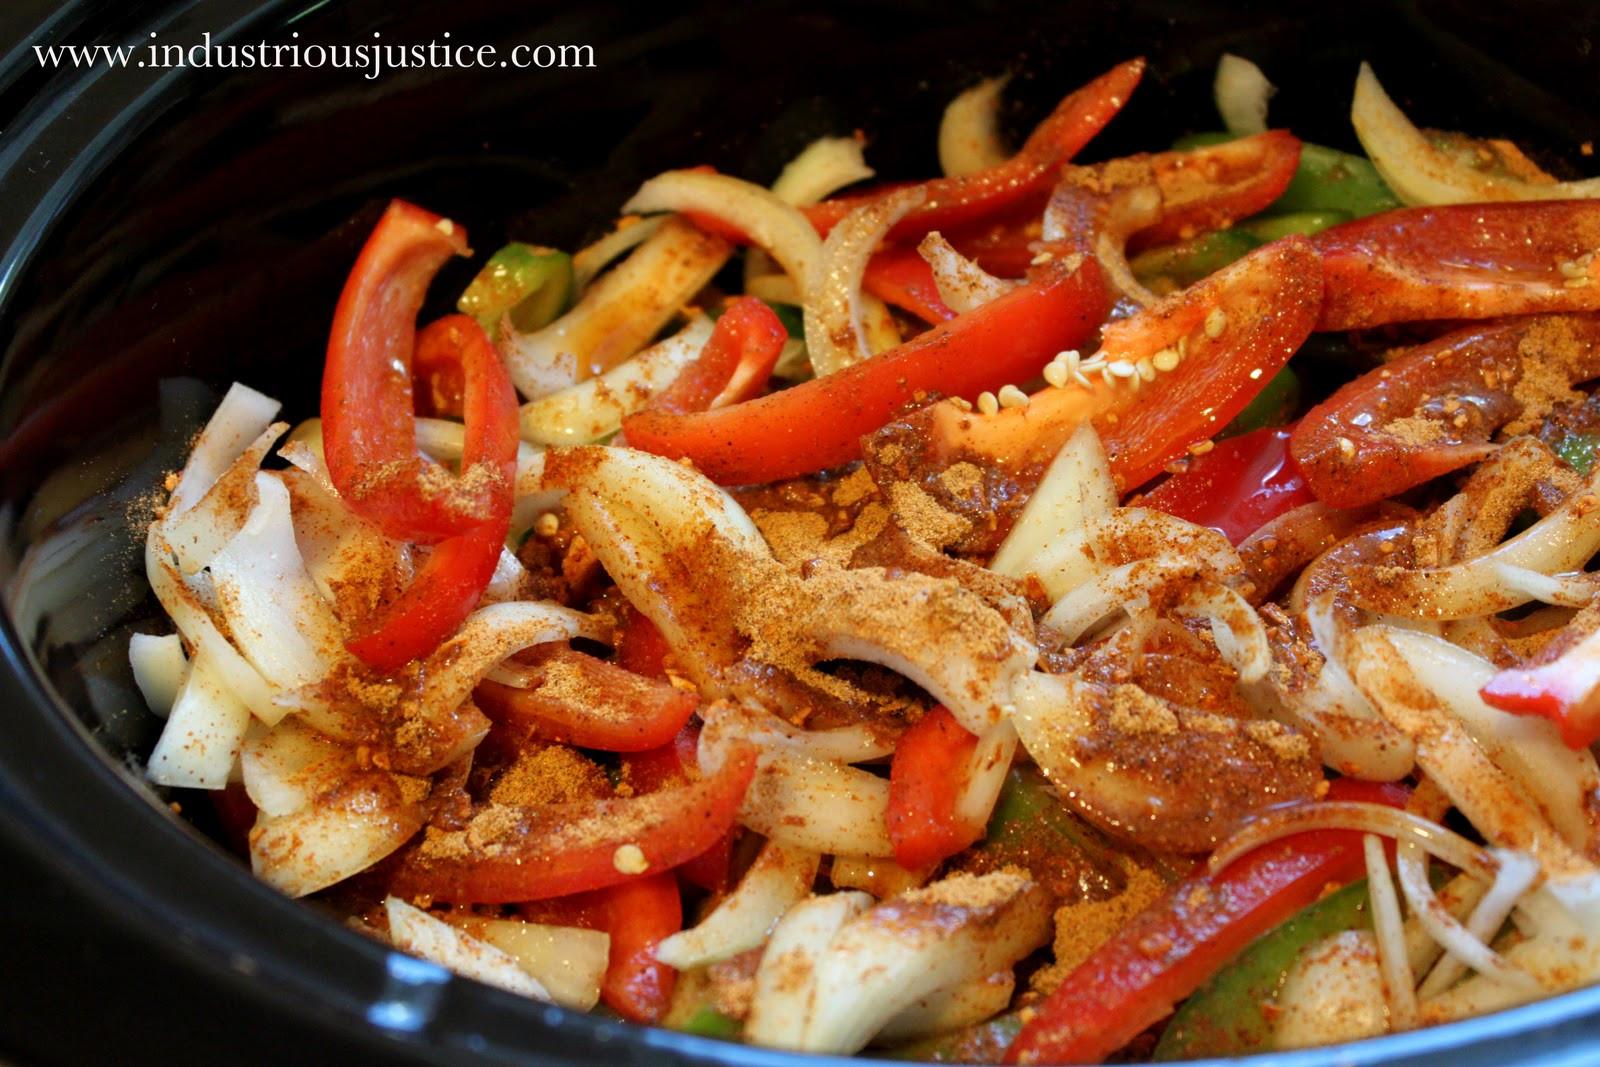 Slow Cooker Beef Fajitas  industrious justice Recipe Slow Cooker Beef Fajitas